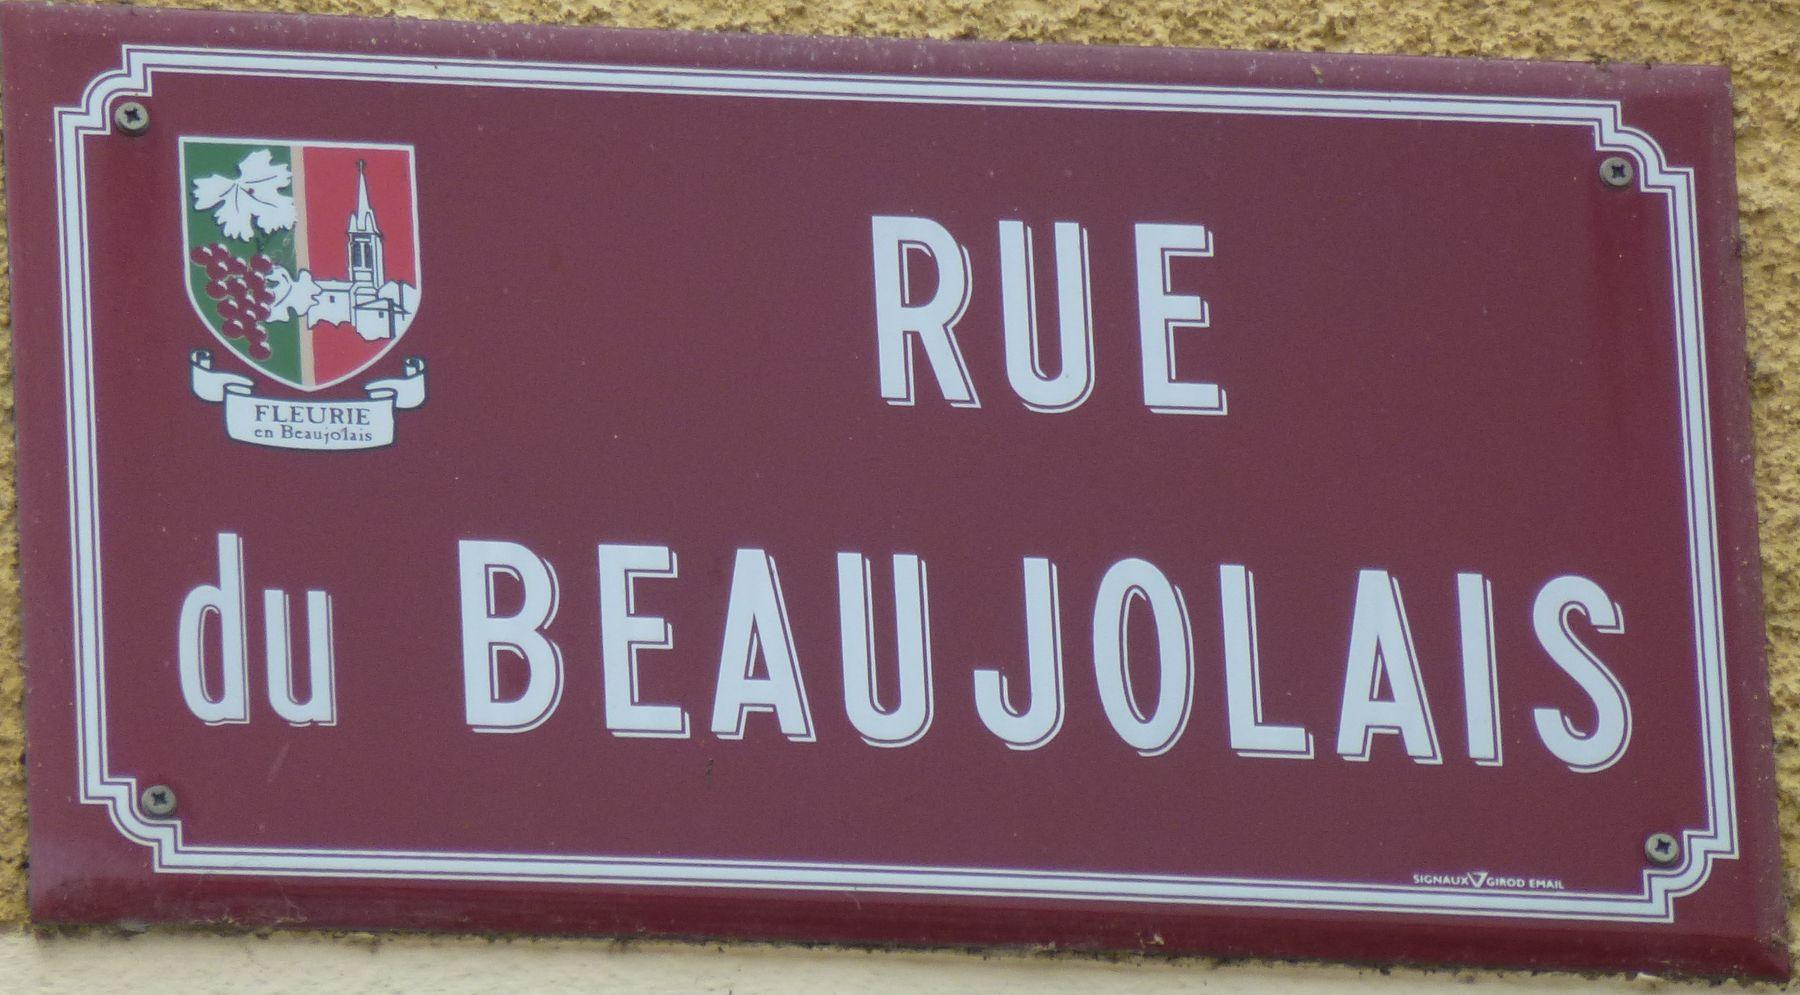 Covigneron Beaujolais